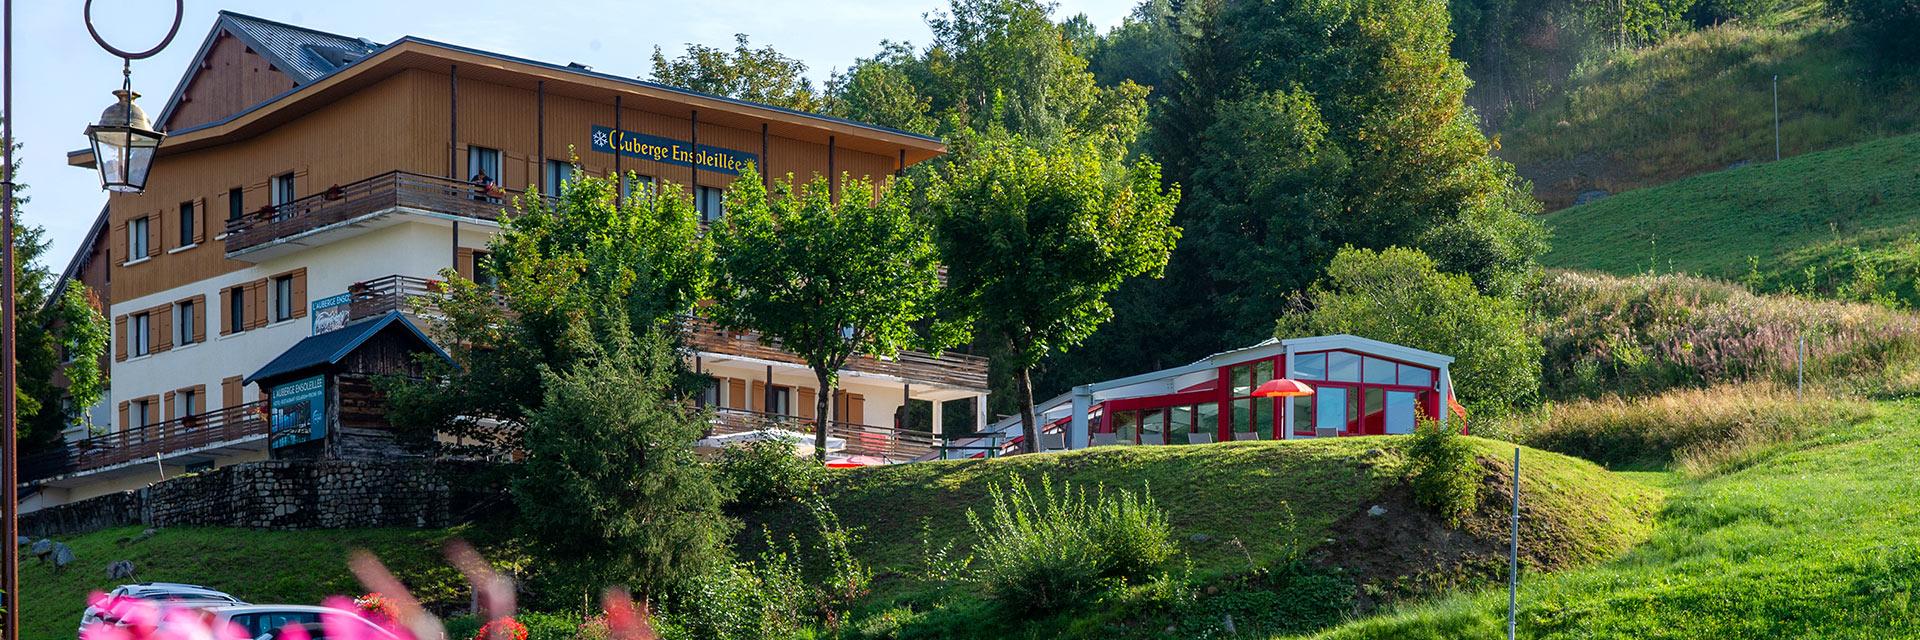 Sur les hauteurs de la Maurienne - Les Hôtels Clubs de Saint-François